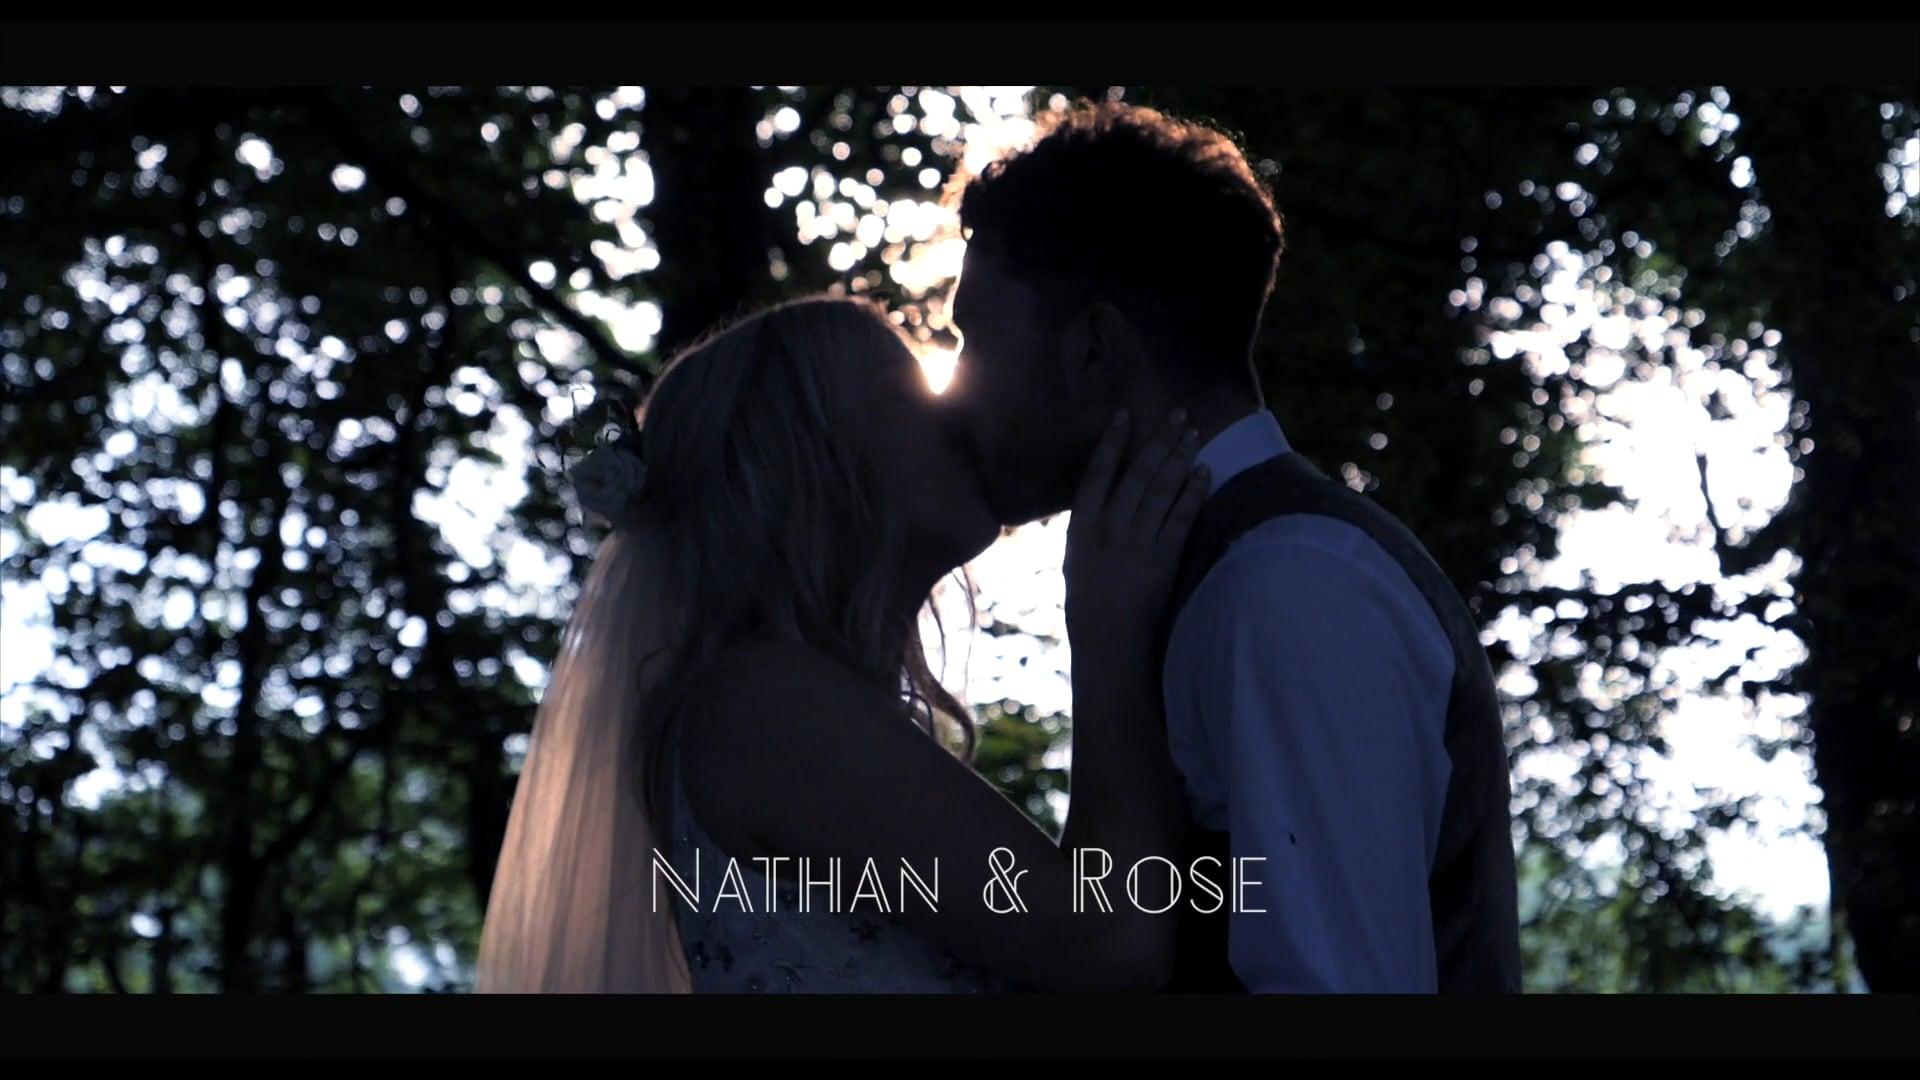 Nathan & Rose